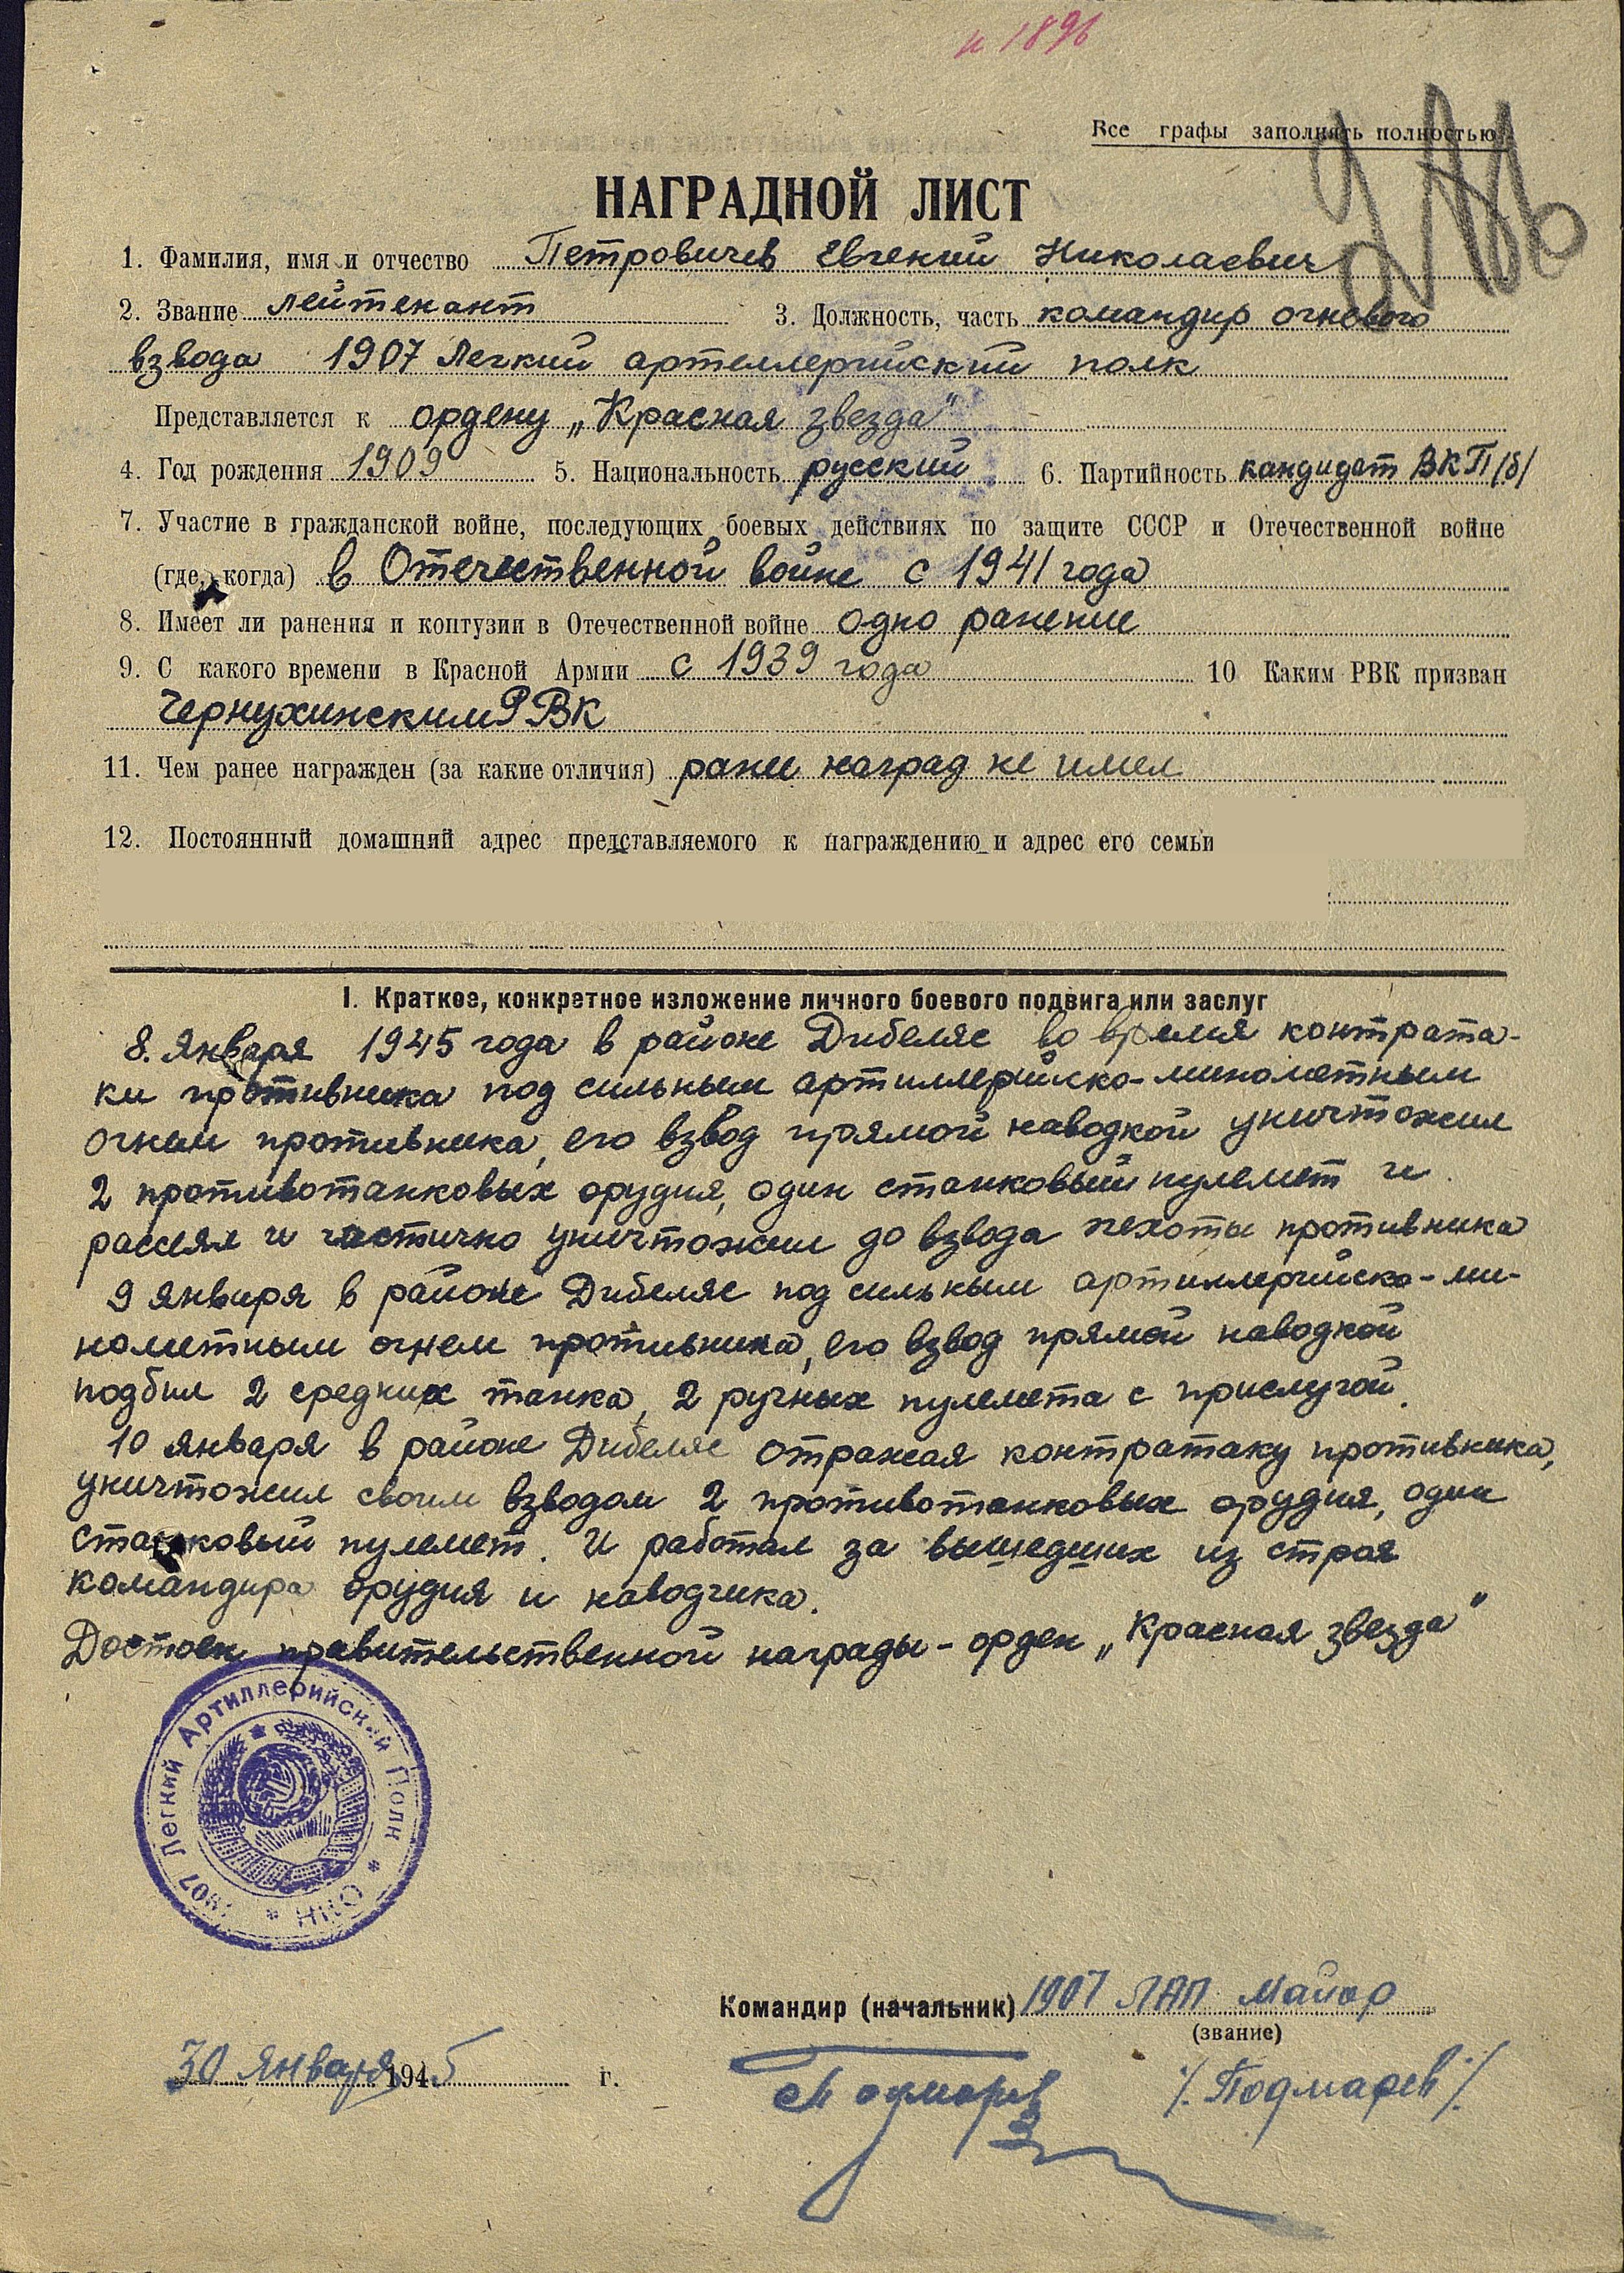 Наградной лист Петровичева Евгения Николаевича к ордену Красной Звезды